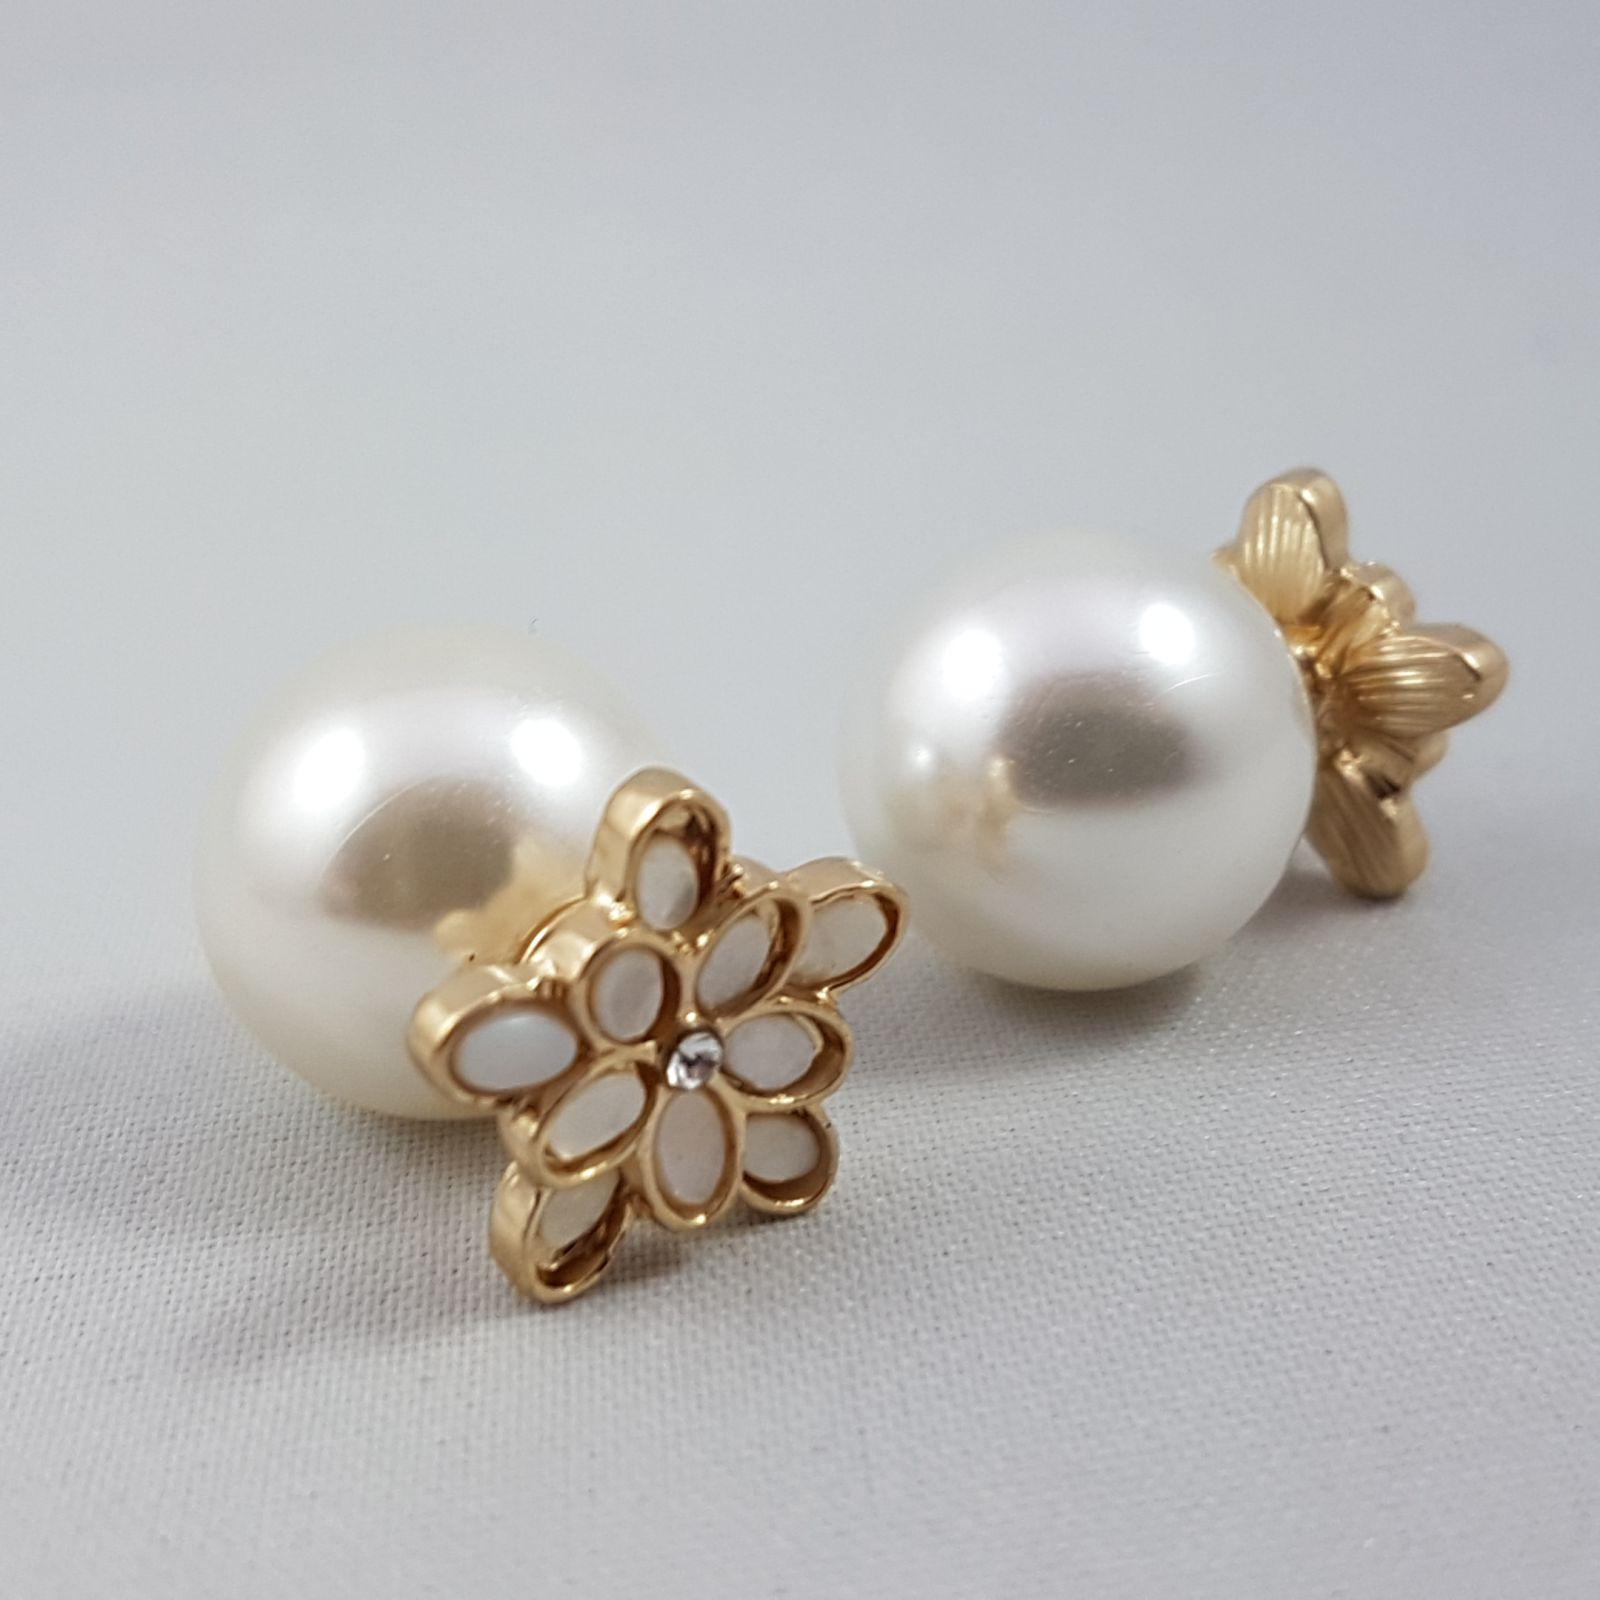 Náušnice zlatobílé kytičky s perličkou GIIL